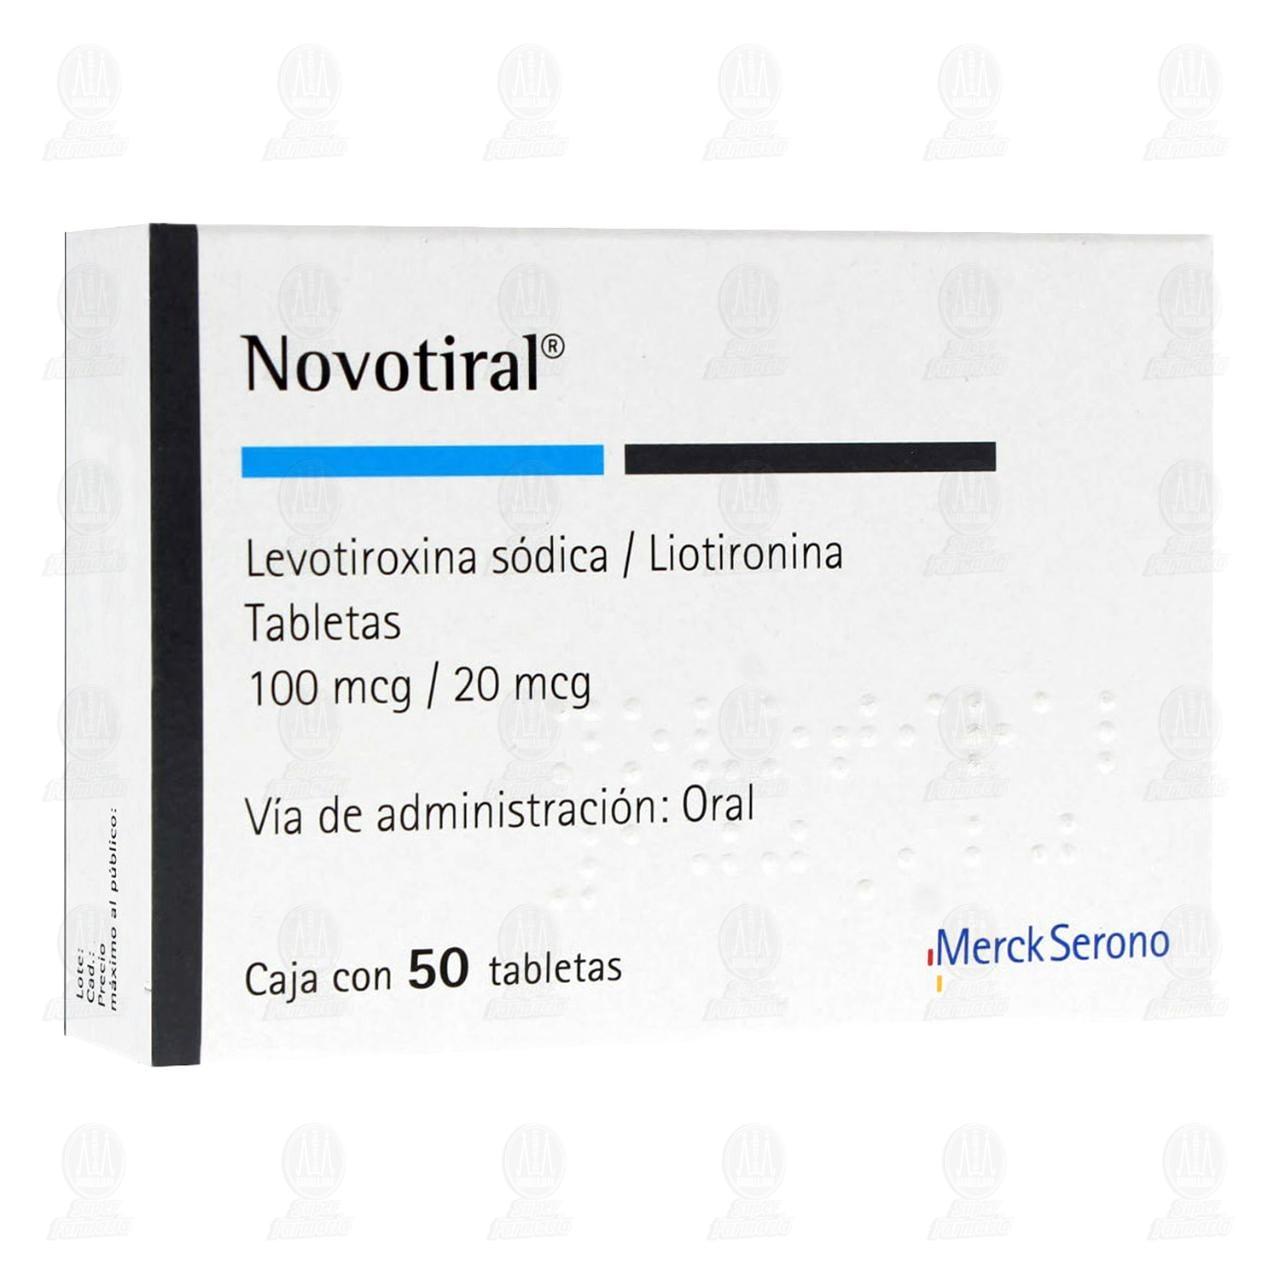 Novotiral 50 Tabletas